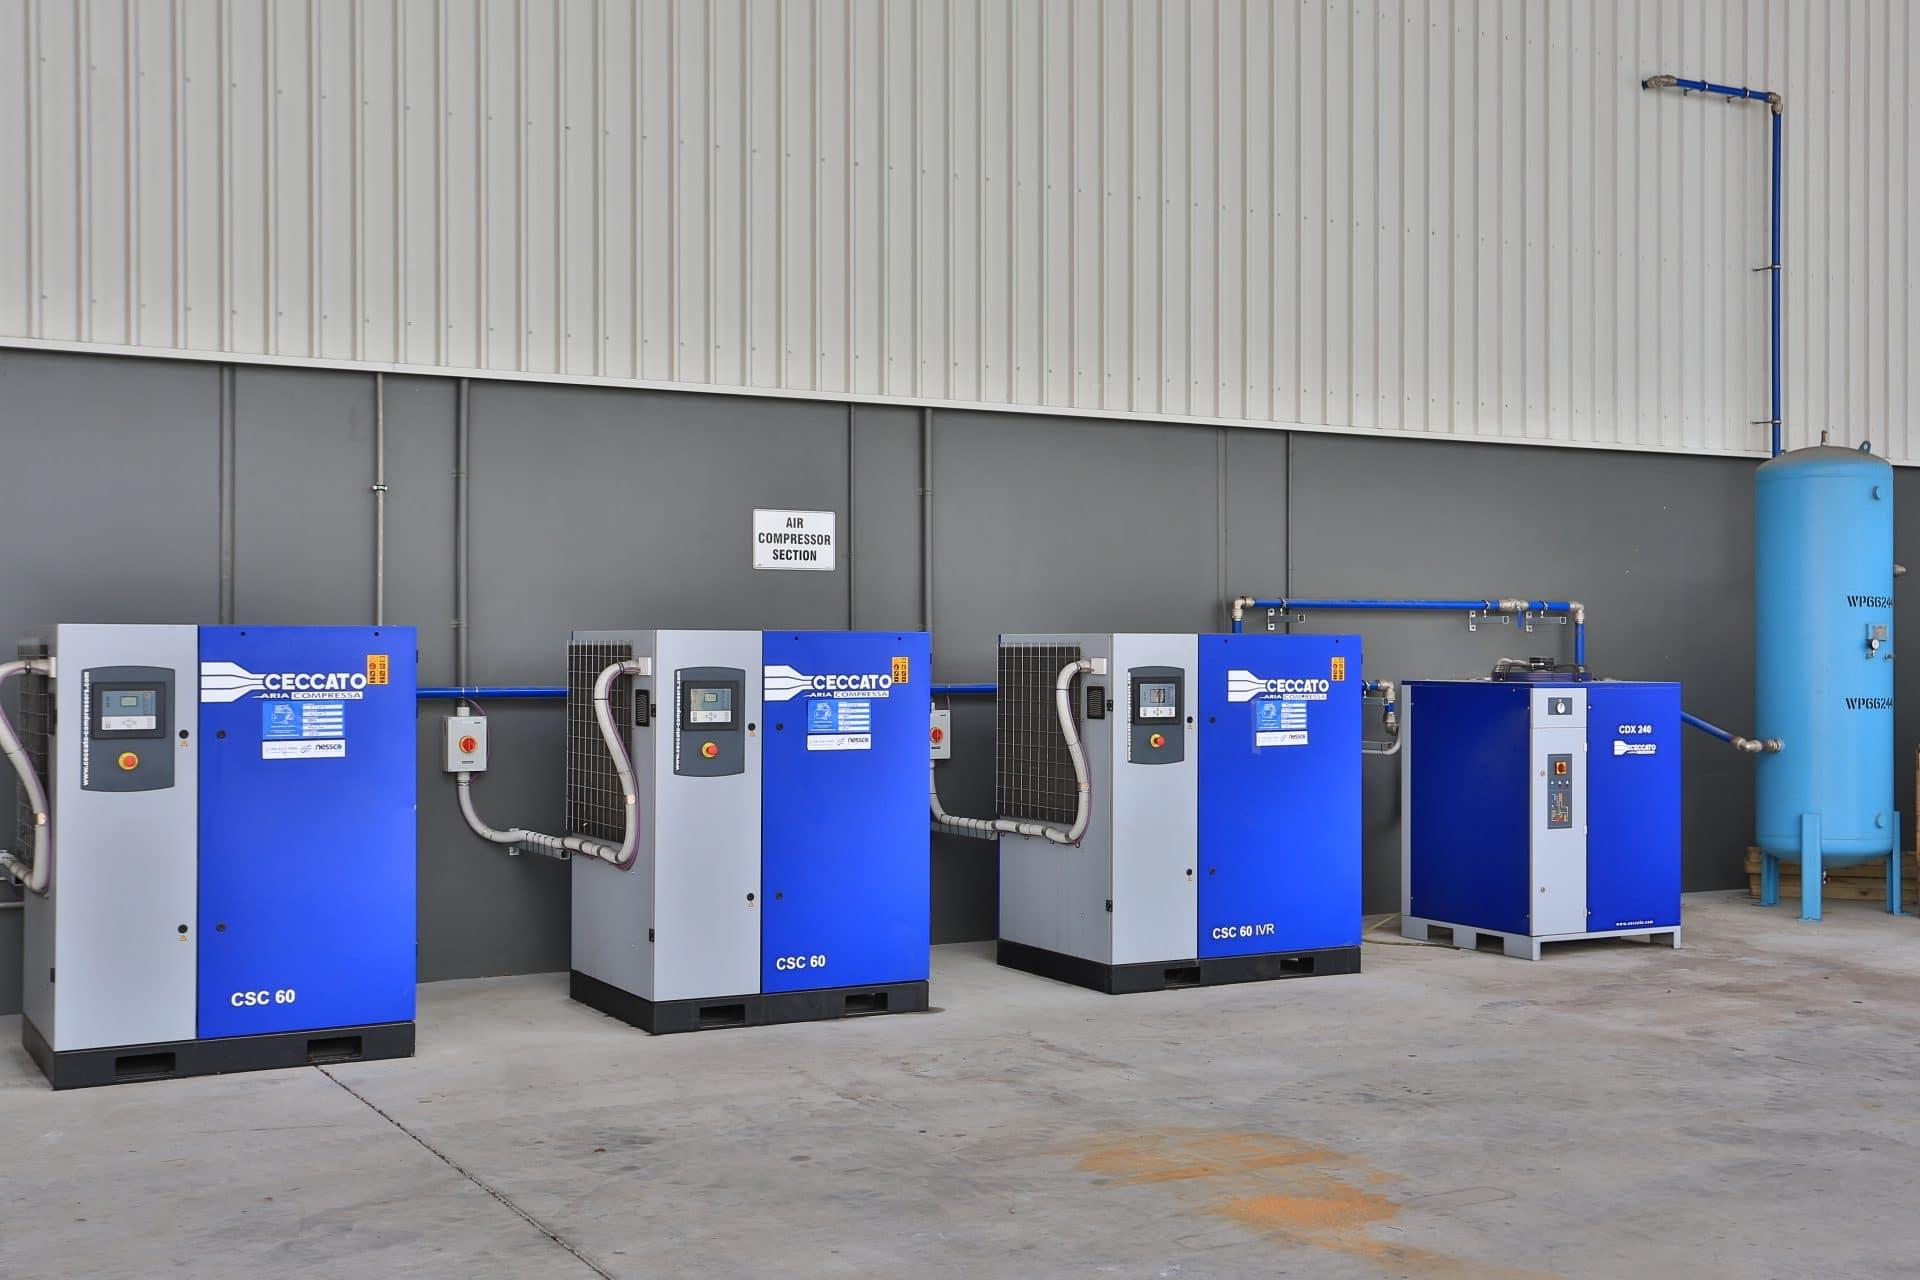 Ceccato Screw Compressors from Nessco Pressure Systems